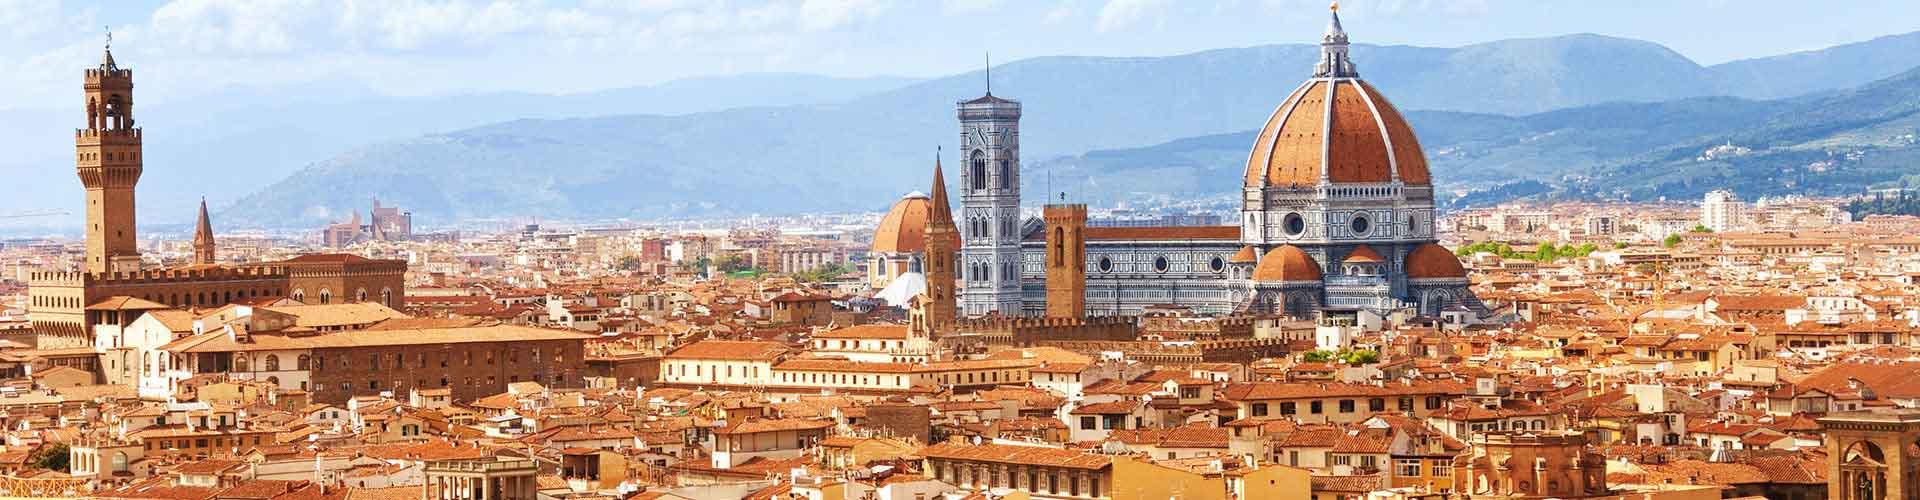 佛罗伦萨 – 佛罗伦萨 附近的青年旅舍。佛罗伦萨地图,佛罗伦萨 所有青年旅馆的照片和评分。